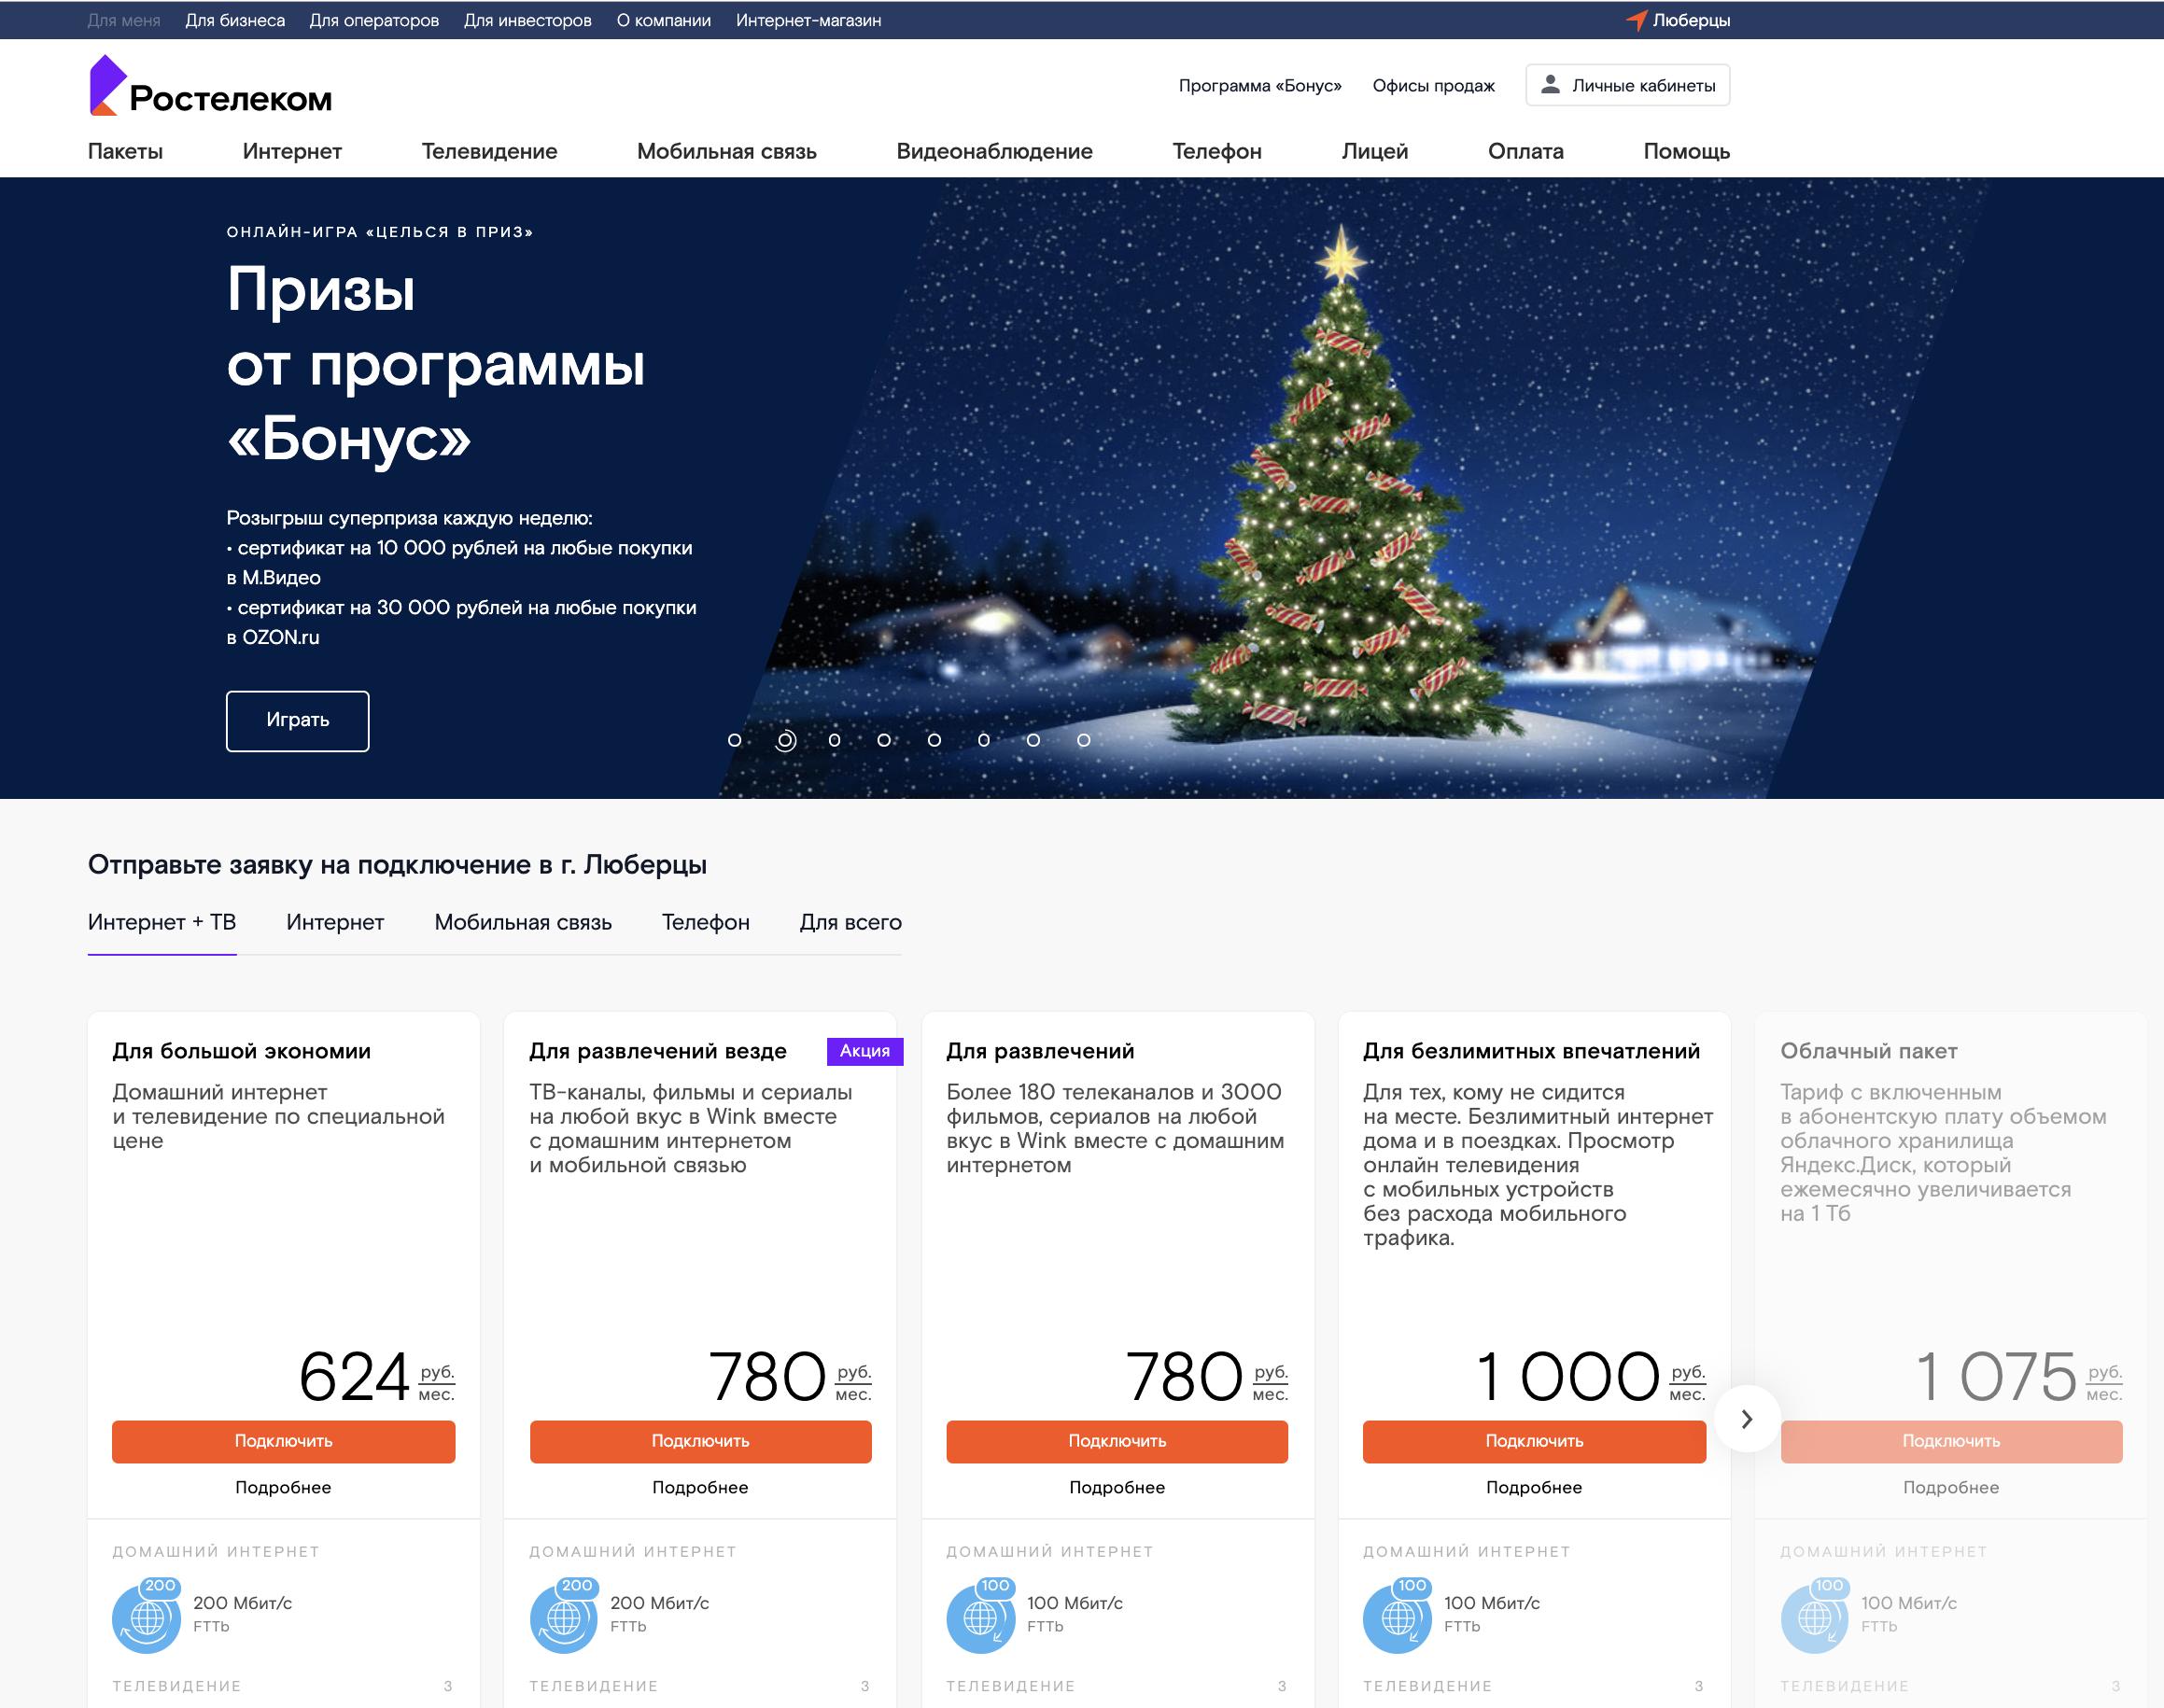 Ростелеком — Личный кабинет Московская область